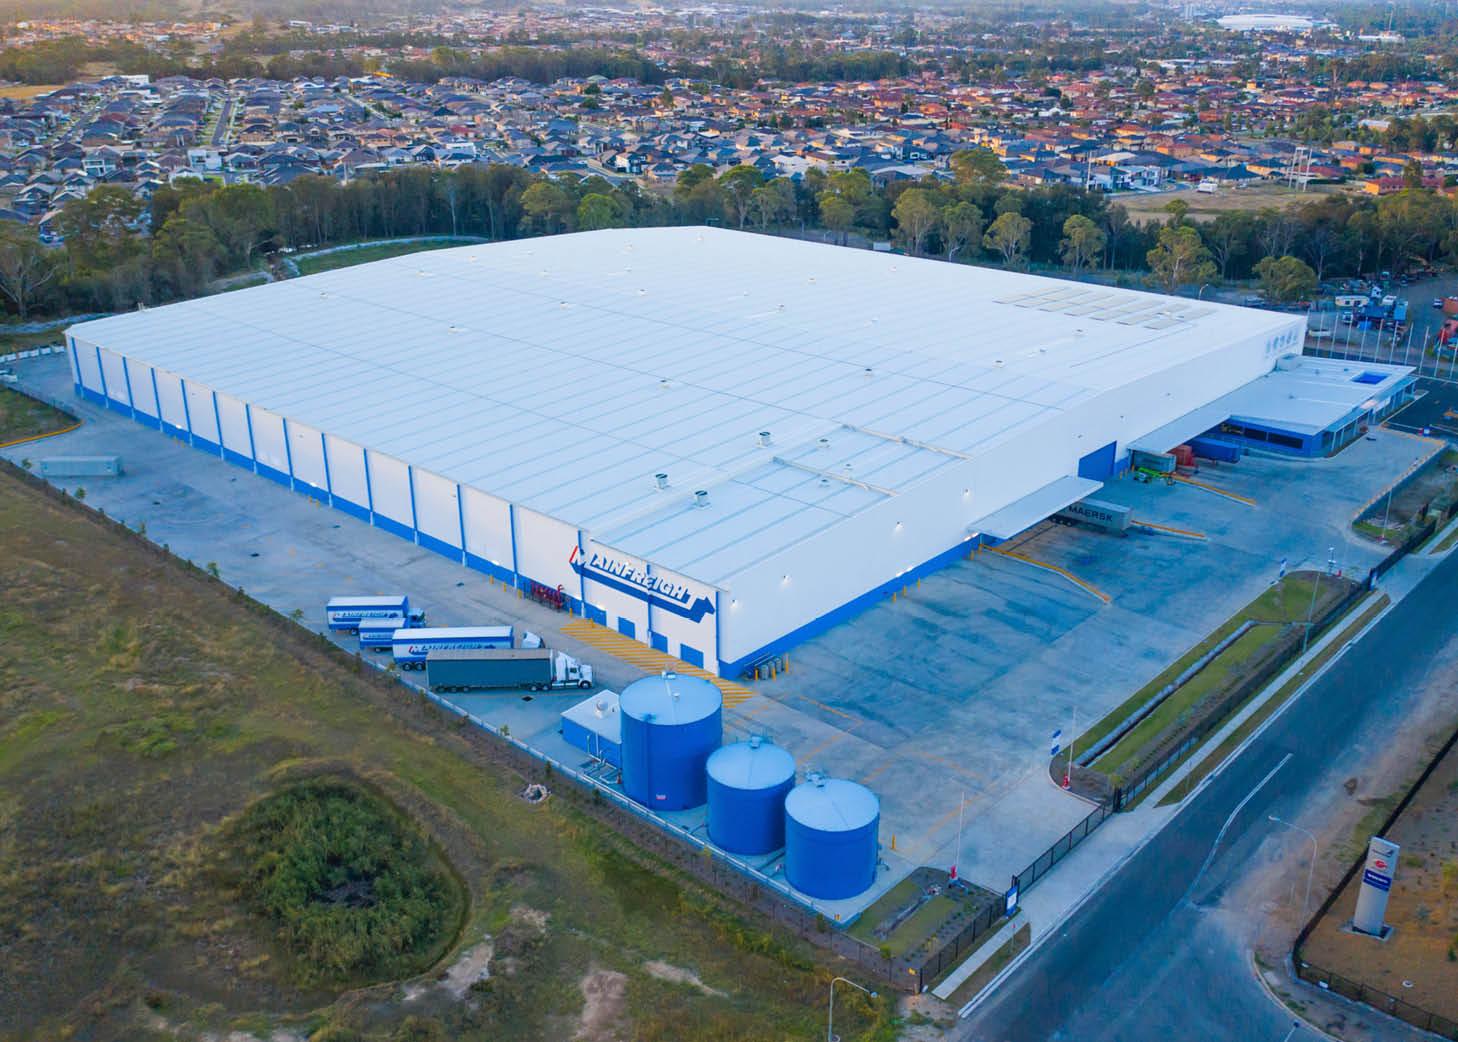 Sydney Mainfreight Warehousing - Kookaburra